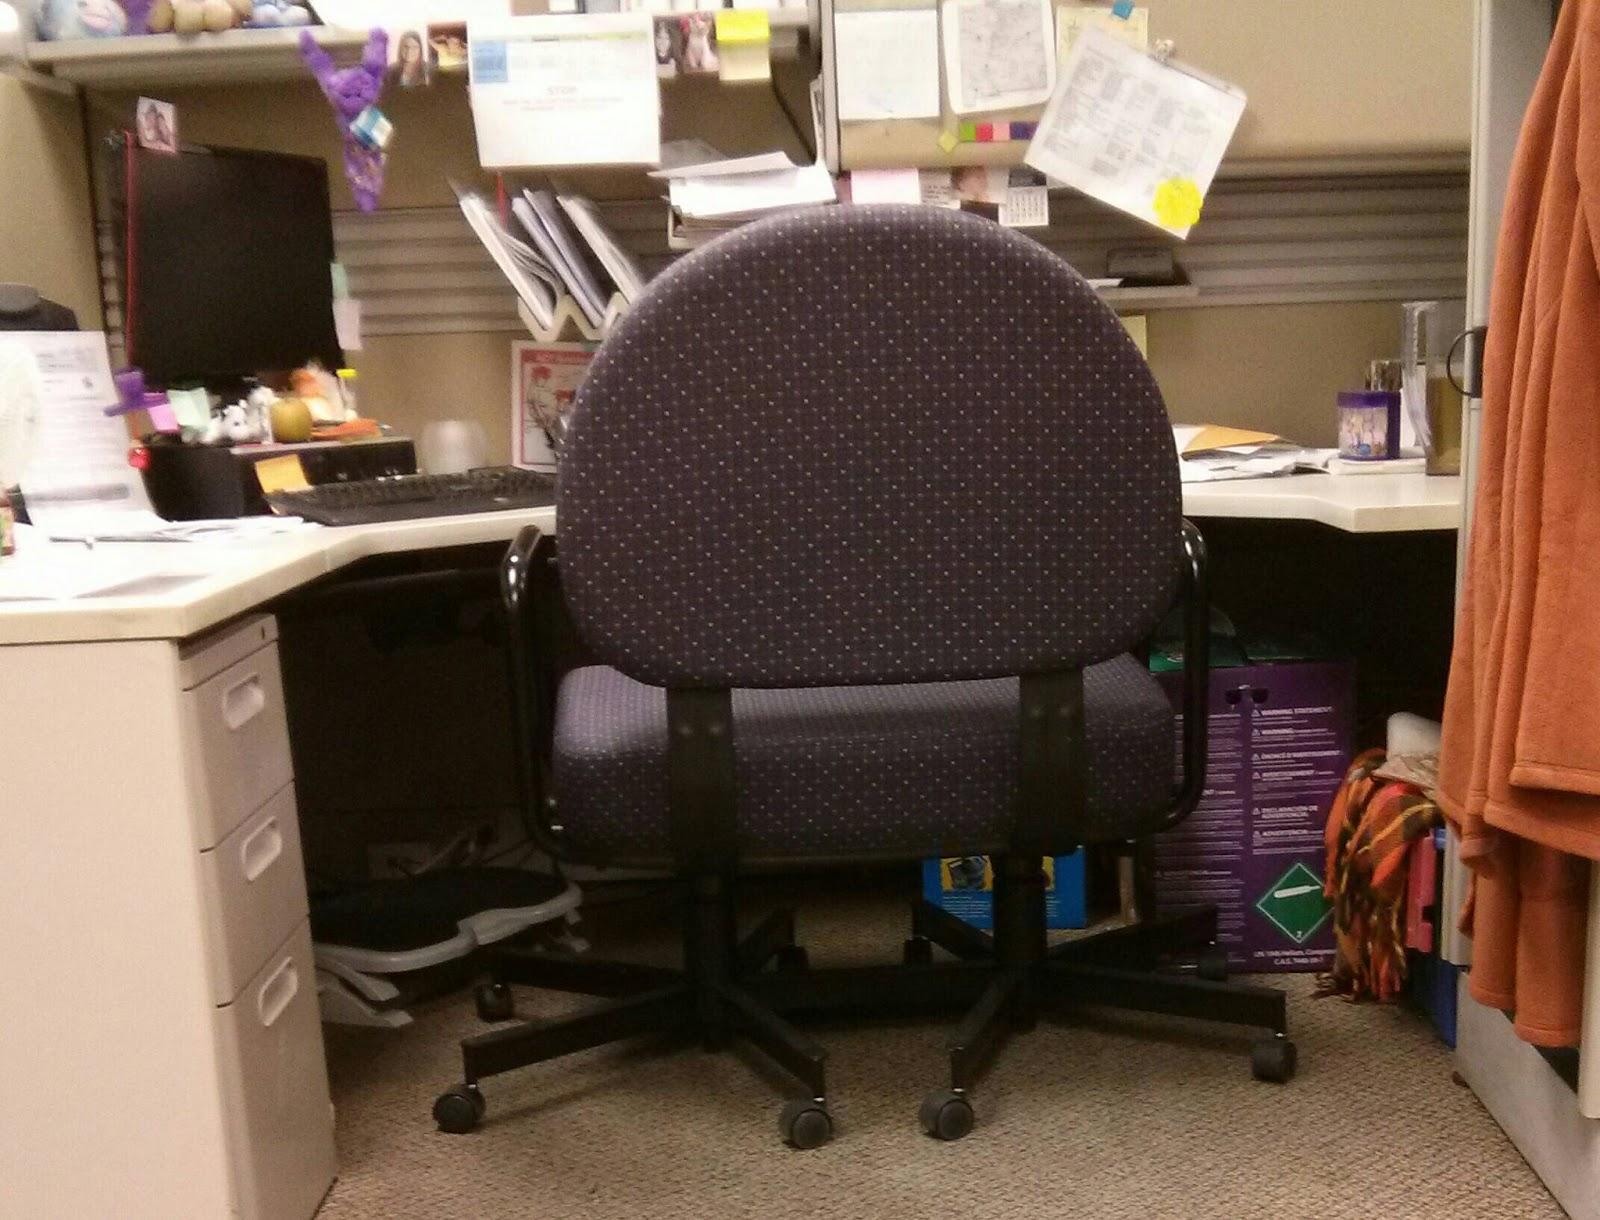 TYWKIWDBI TaiWikiWidbee Bariatric office chair